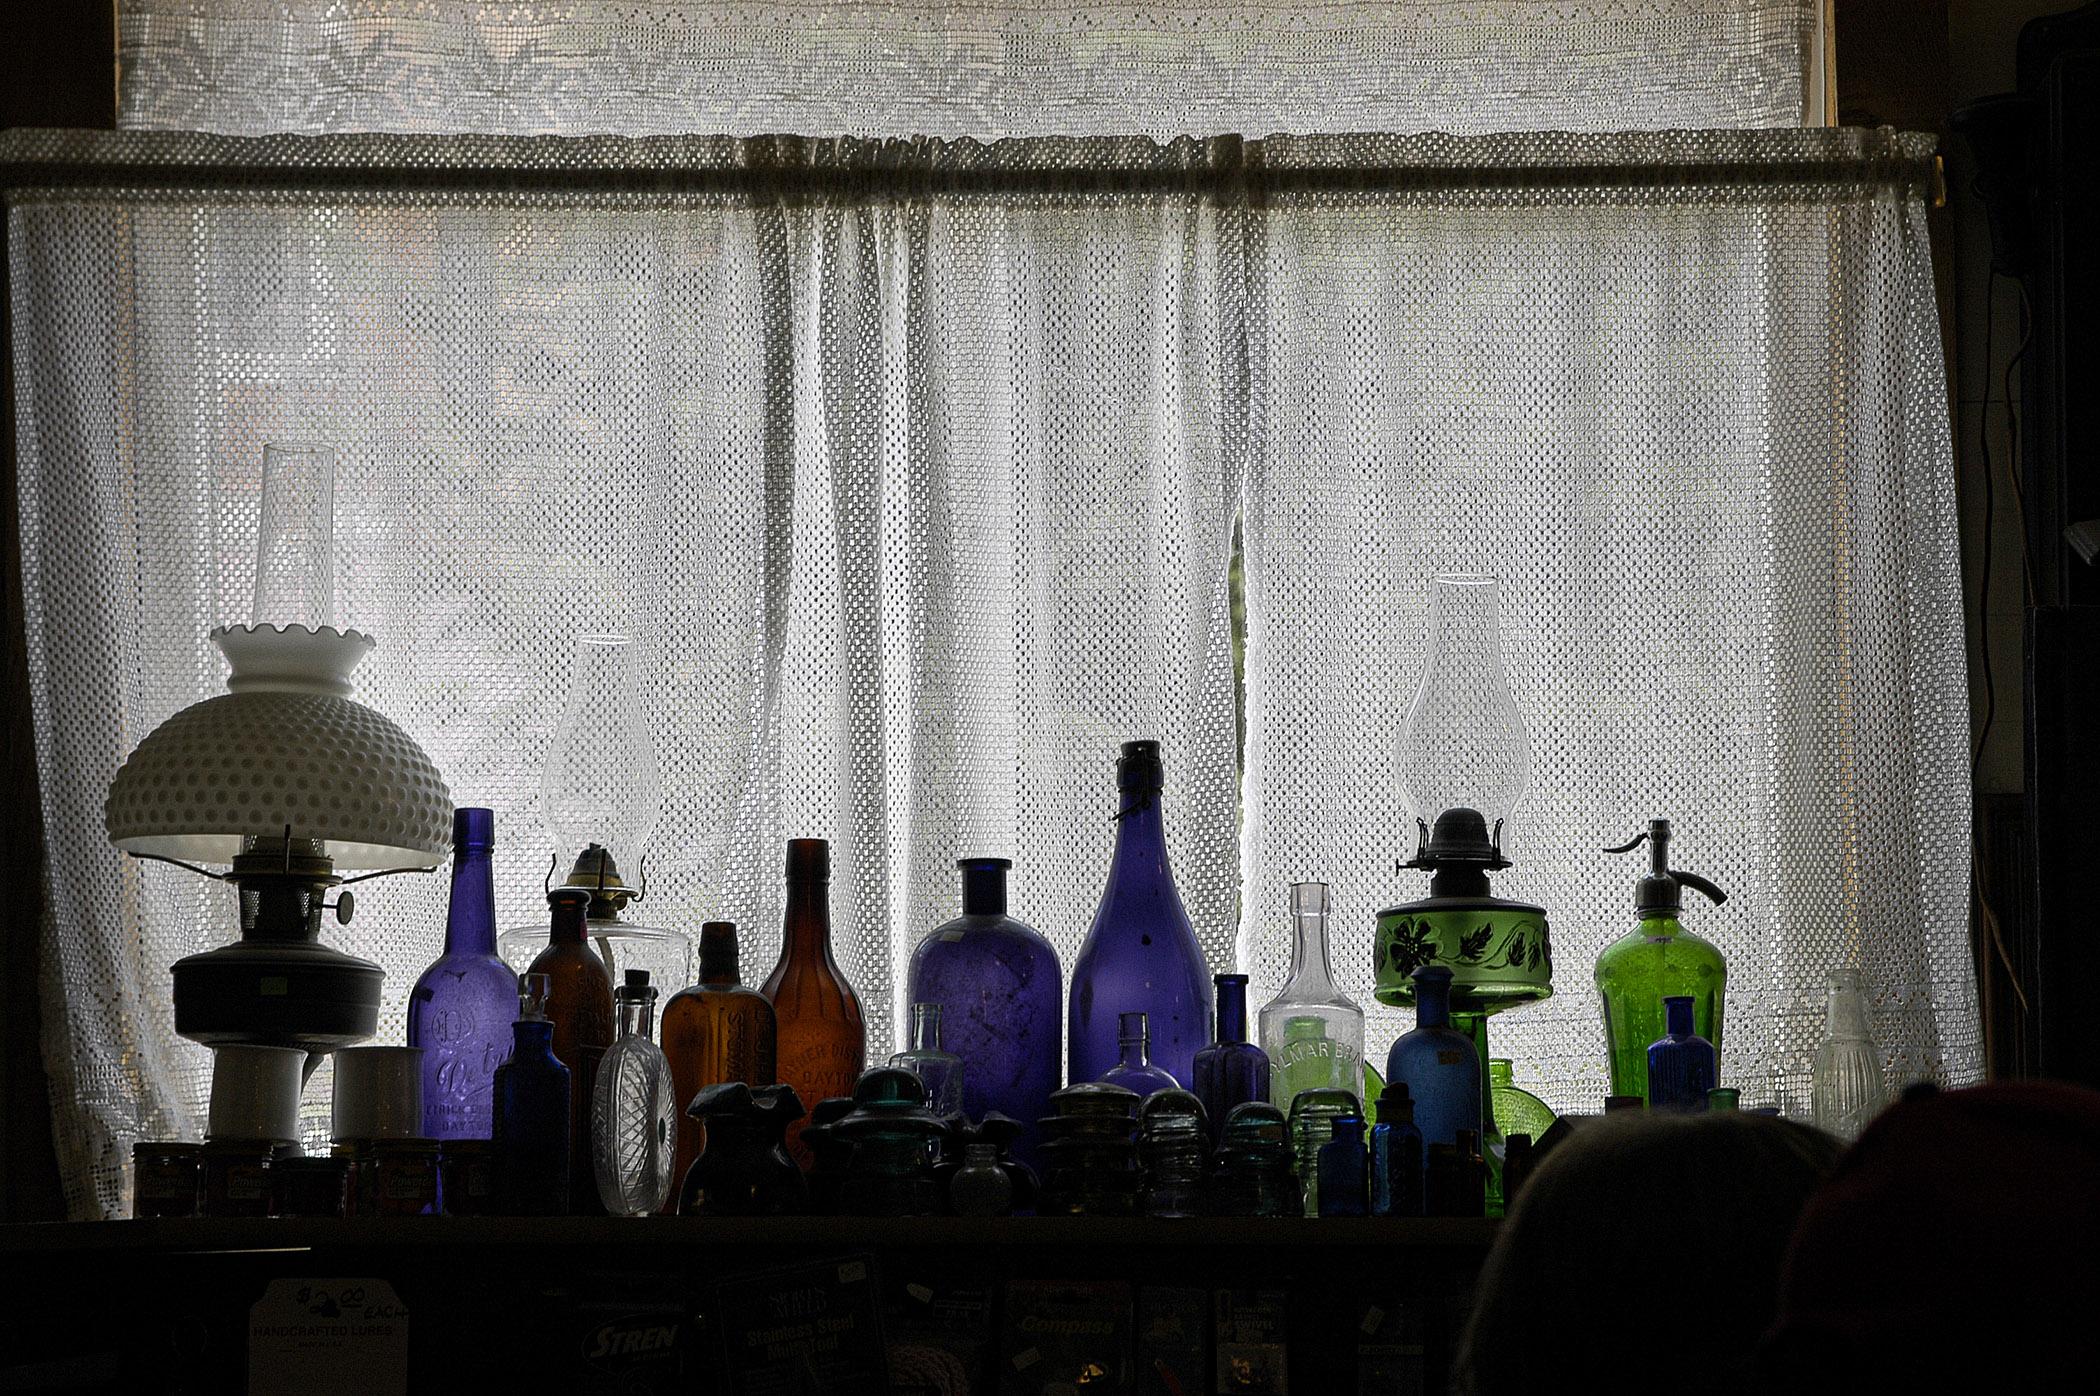 Bottles-Along-the-Window